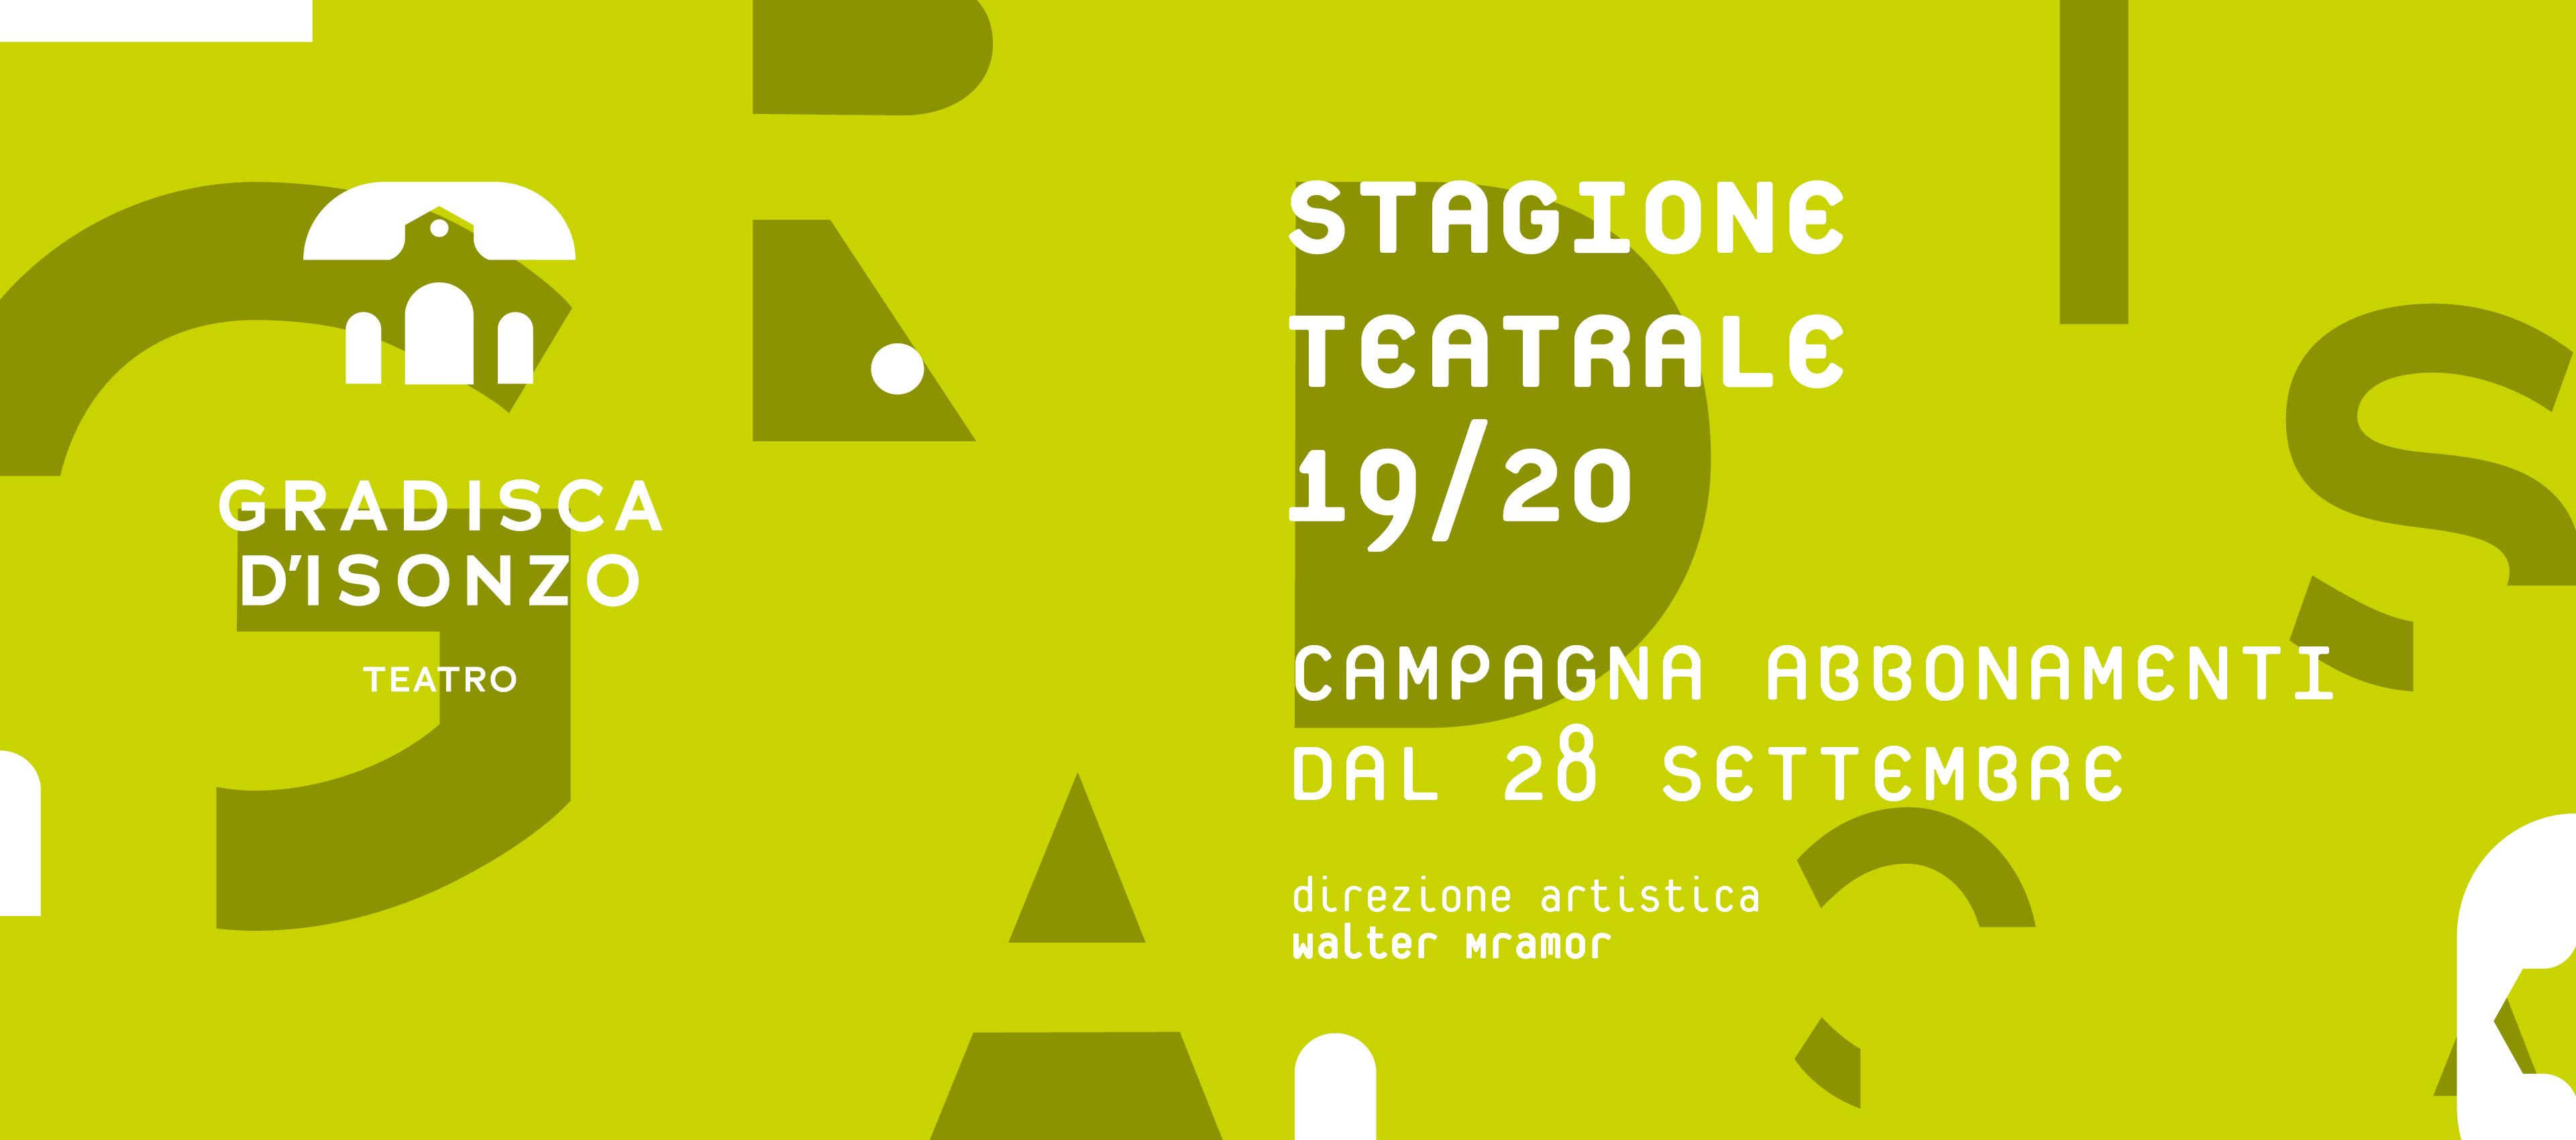 revolution-gradisca-1920x850